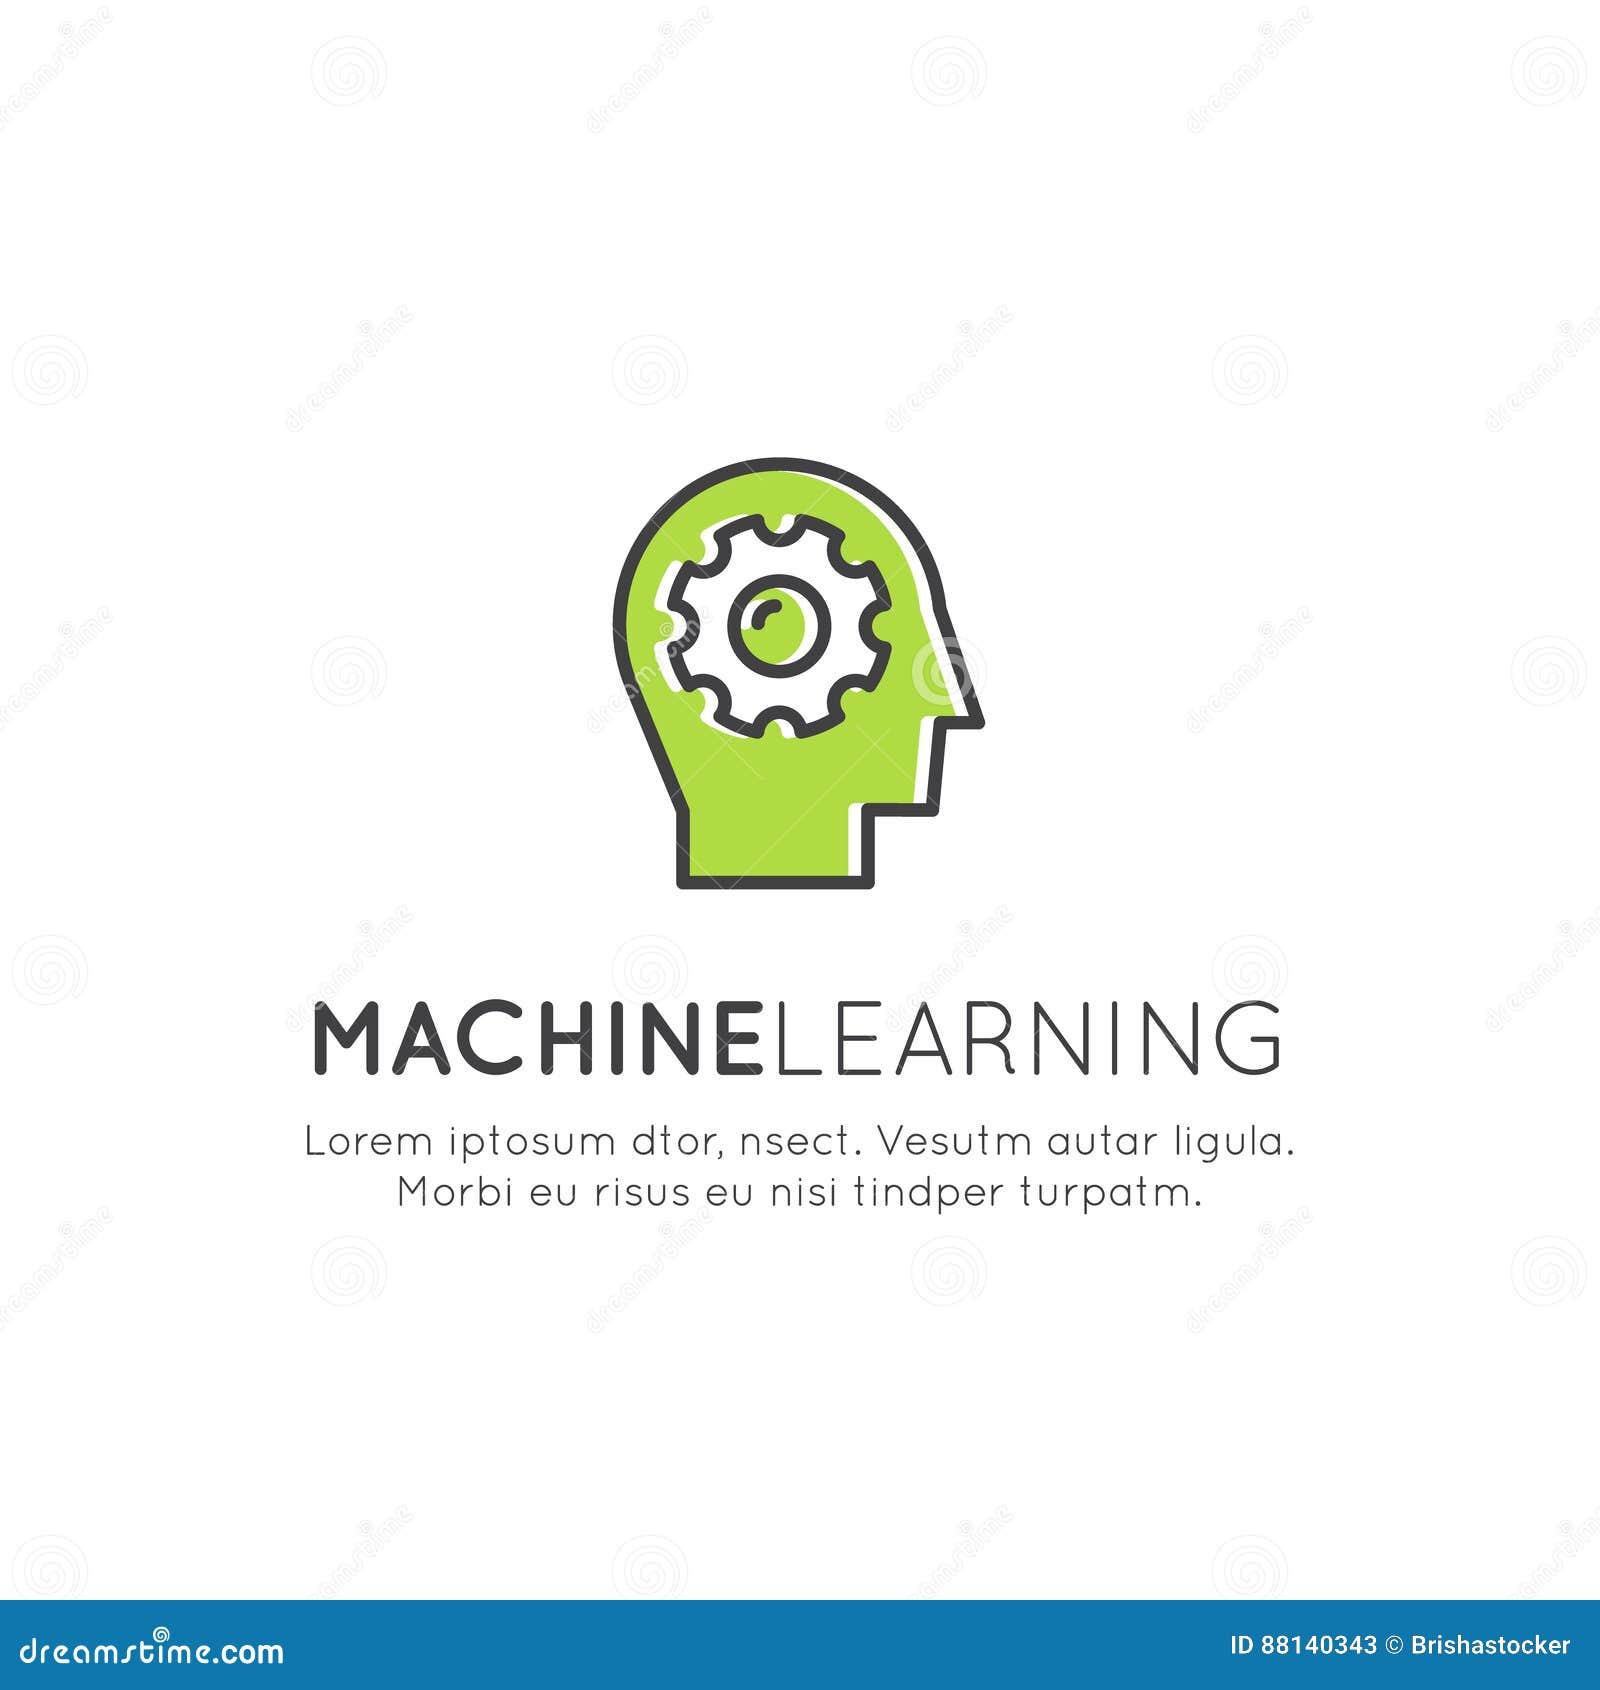 机器学习,人工智能,虚拟现实,未来EyeTap技术的例证概念